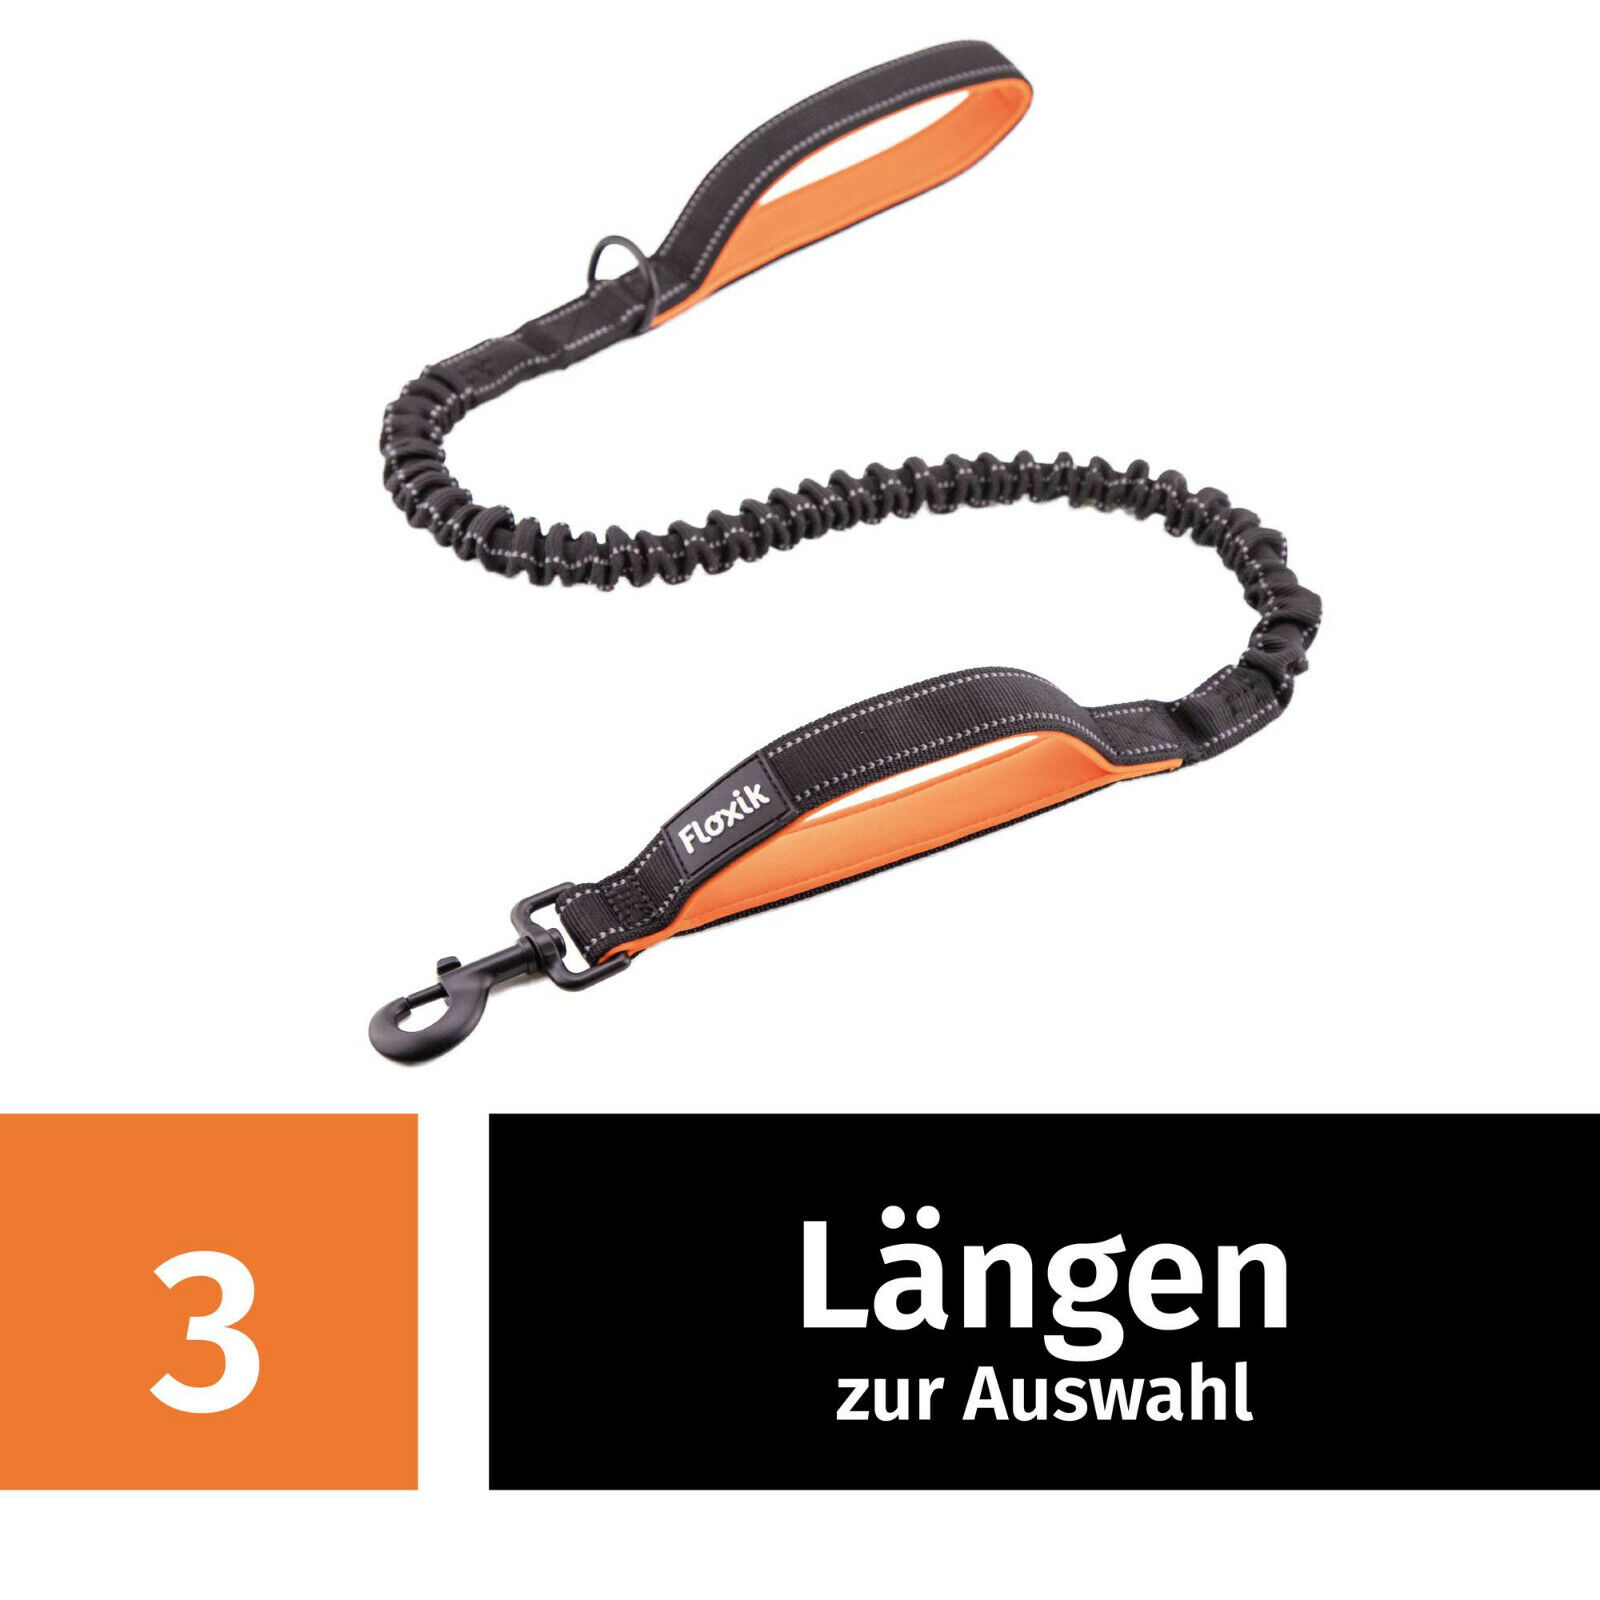 Floxik Hundeleine elastisch Bungeeleine für Hunde inkl. Kurzführer in 3 Größen